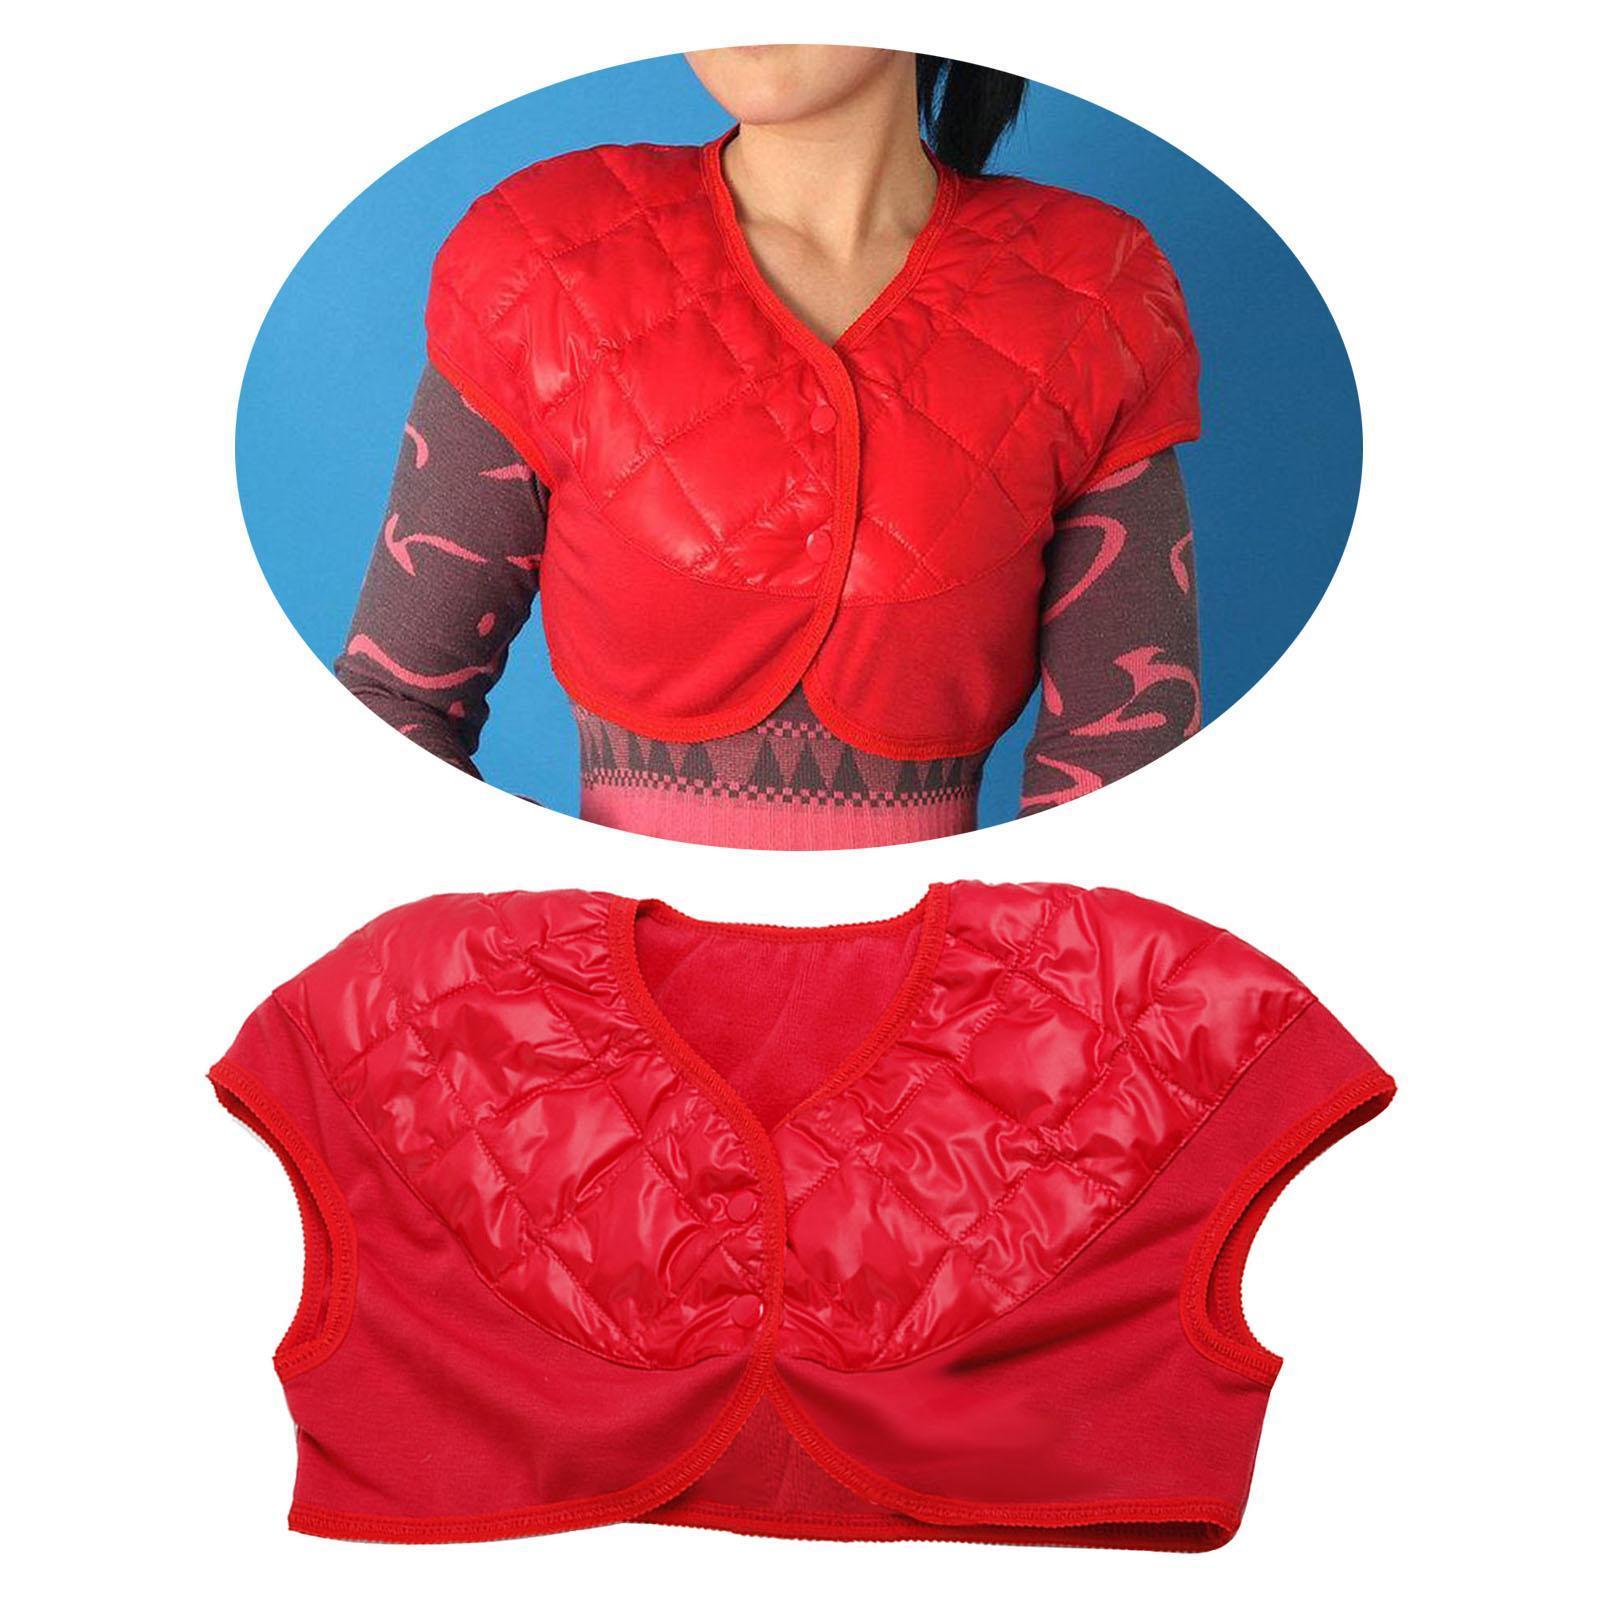 Femmes-Hommes-Down-Jacket-Chaud-Manteau-Court-Epaule-Chaud-Thermique-Wrap miniatura 73